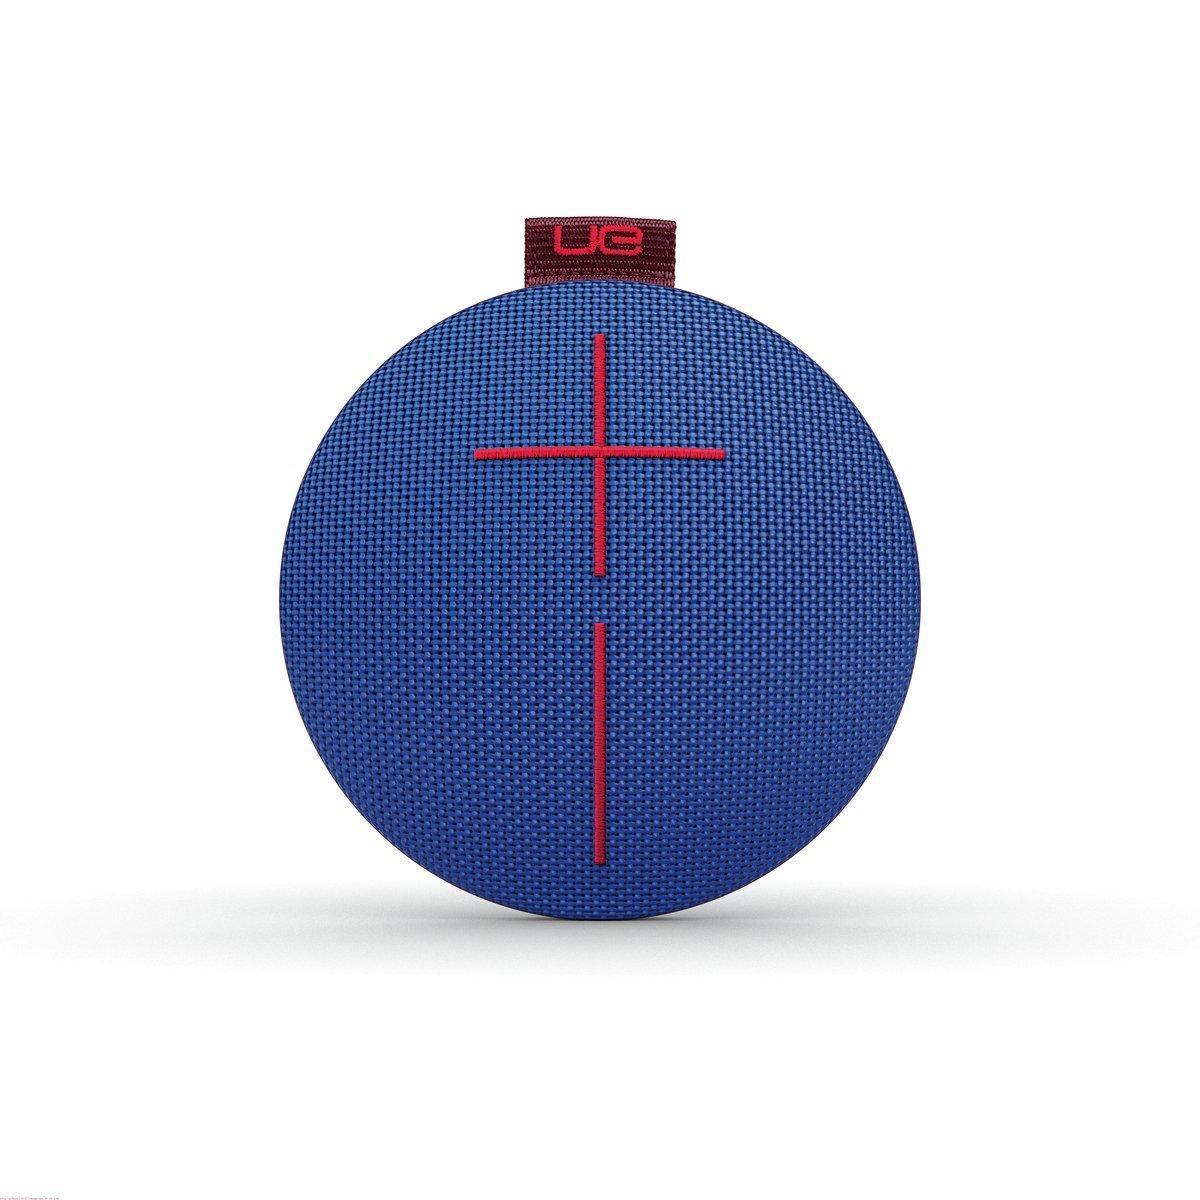 Enceinte Sans-fil UE Roll Atmosphere Bleu étanche et résistante aux chocs - Bluetooth